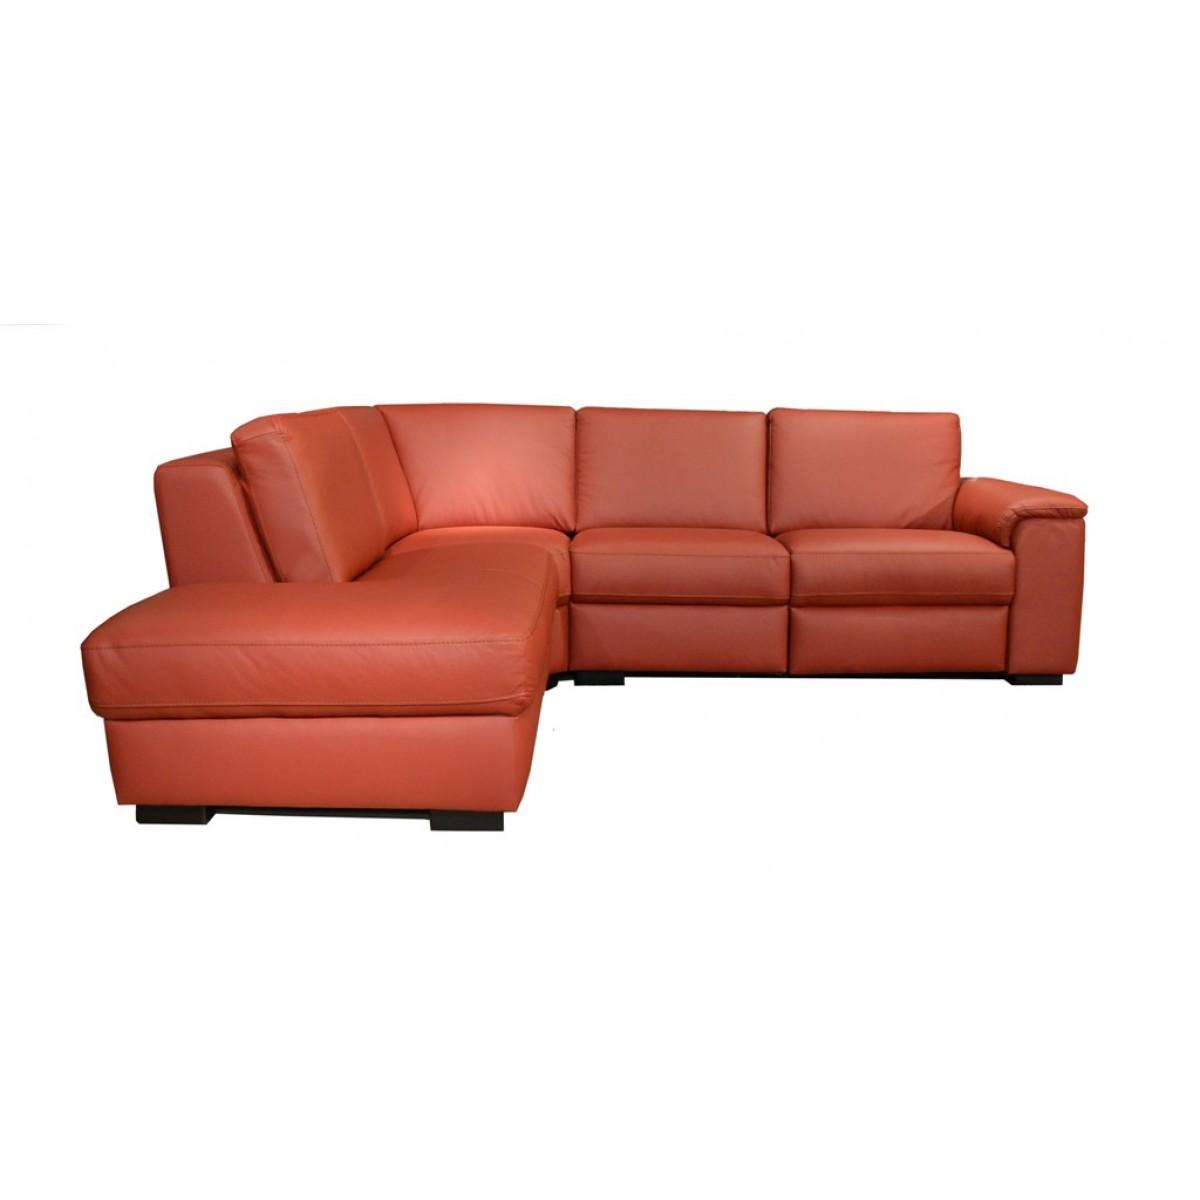 1981-relax-hoekbank-leer-hjort-knudsen-electrische-relaxen-soleda-toledo-red-44-voorkant